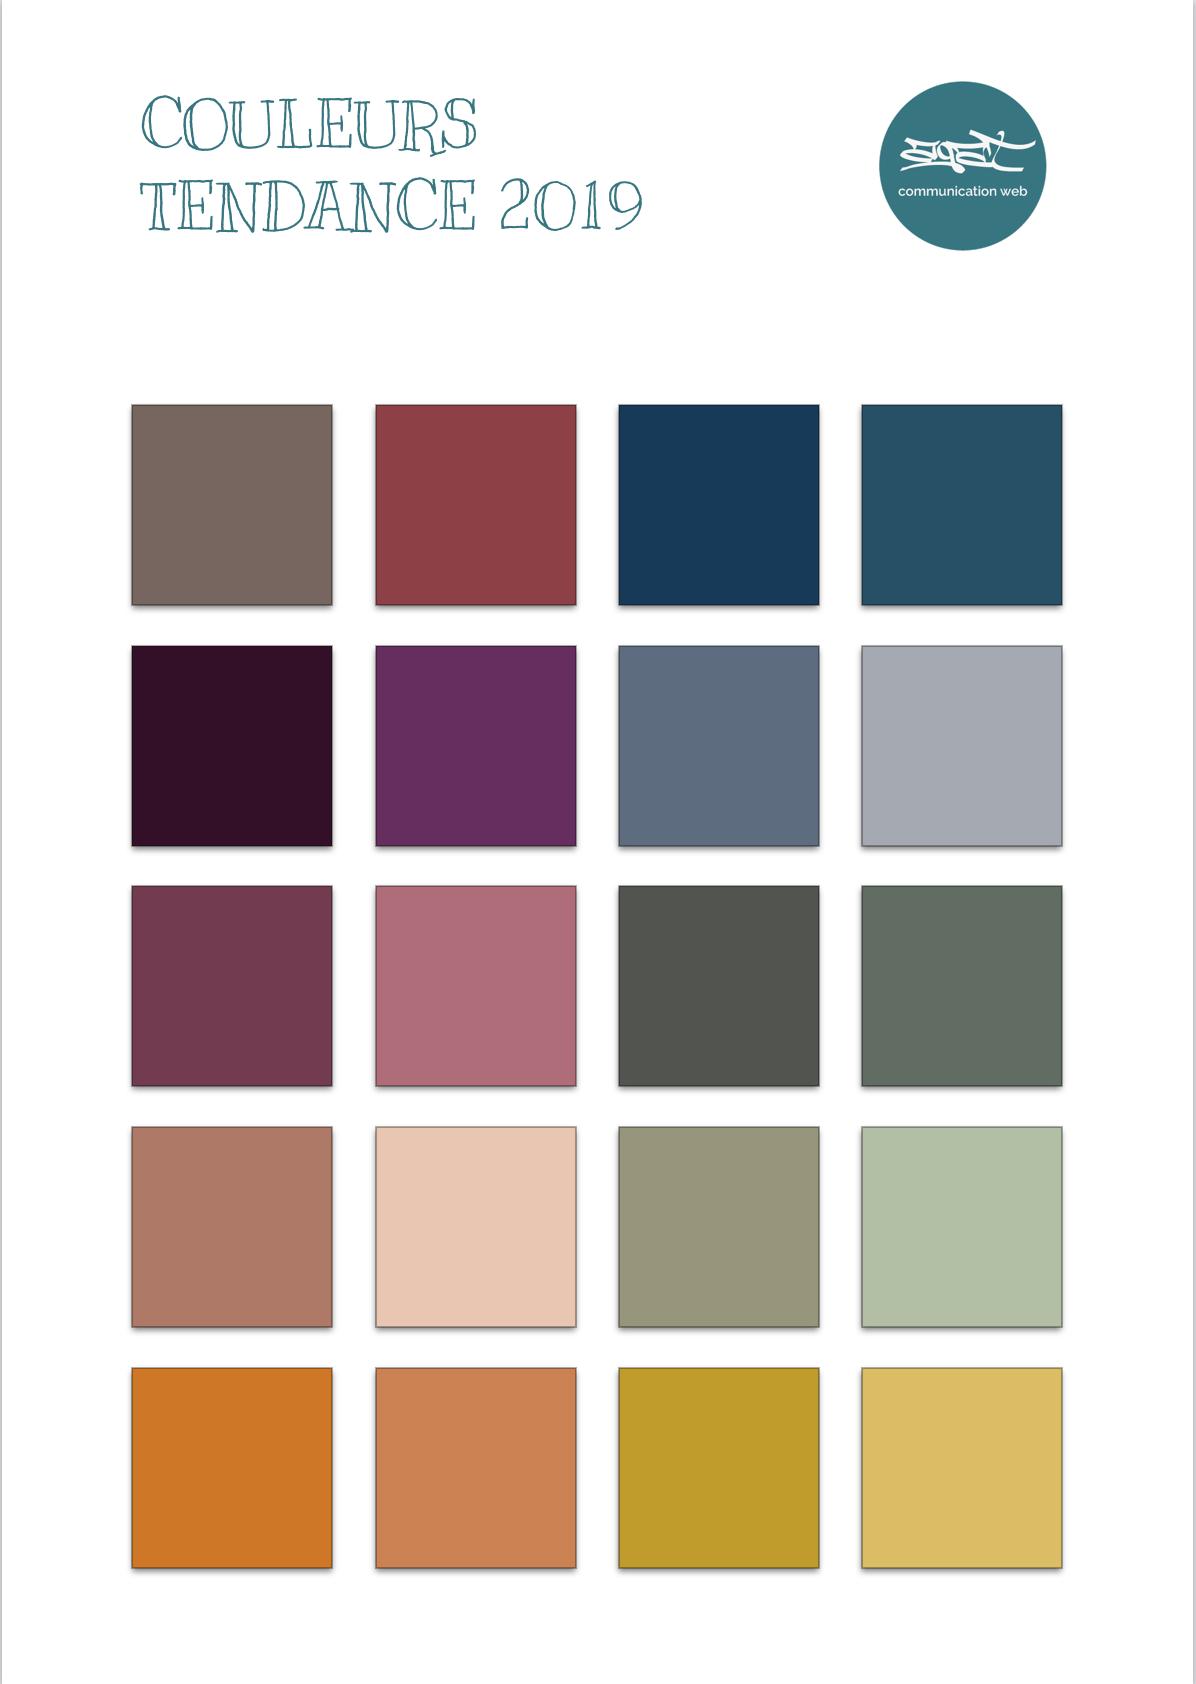 Les couleurs tendance 2019